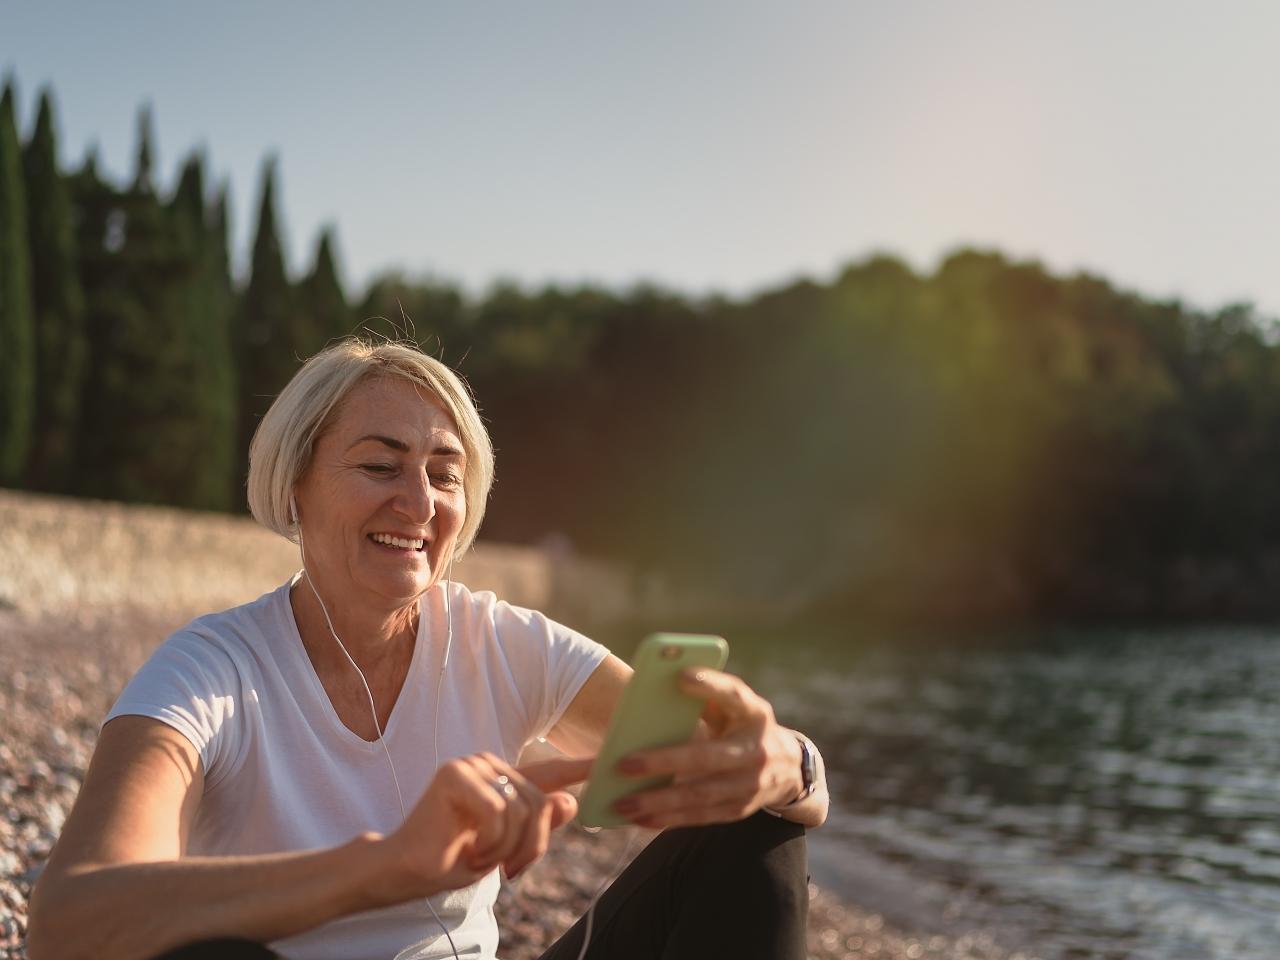 Eine Frau sitzt mit ihrem Smartphone am See